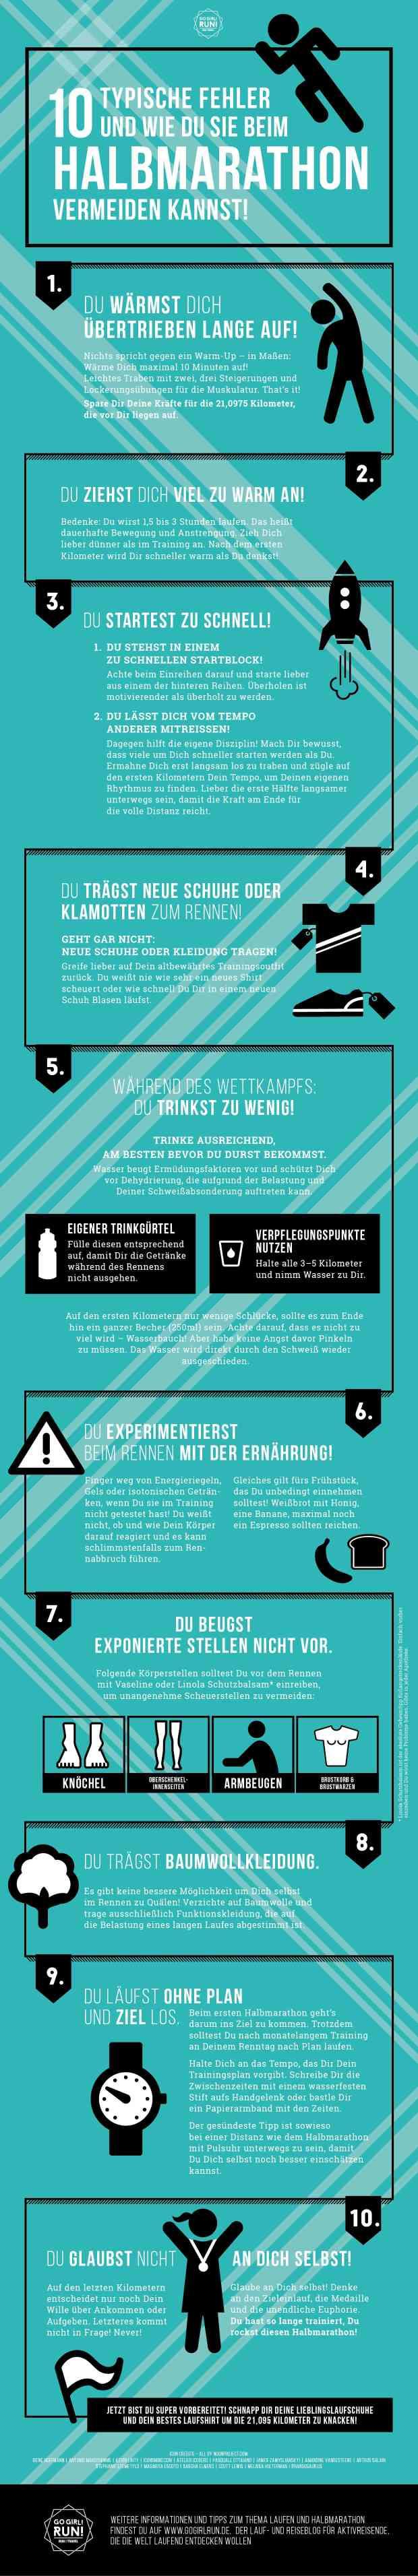 Infografik: Fehler beim Halbmarathon vermeiden